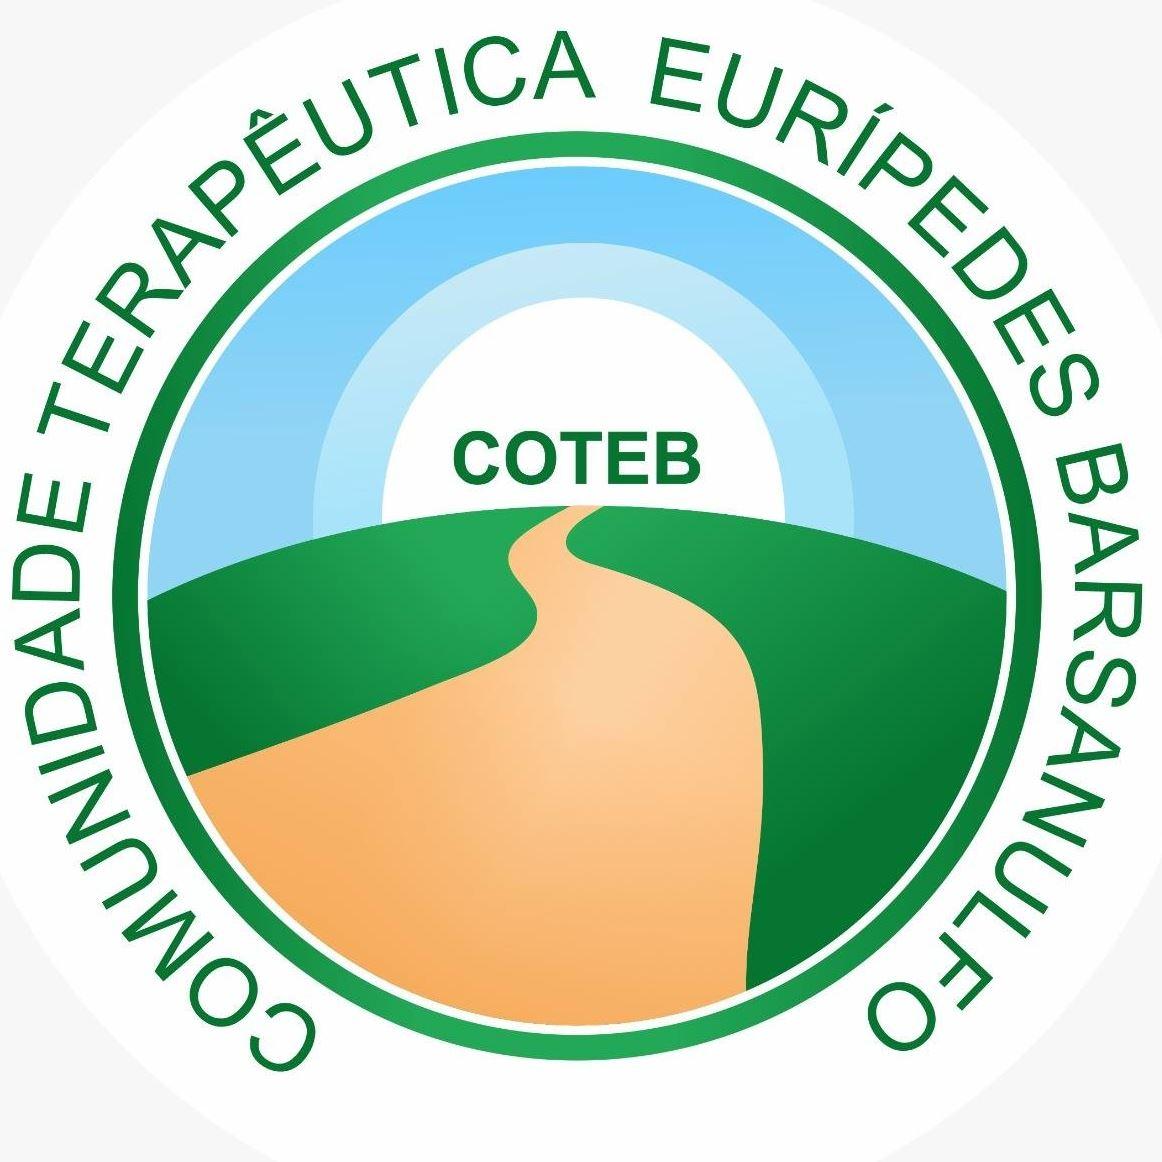 COTEB - Unidade Terapêutica Eurípedes Barsanulfo